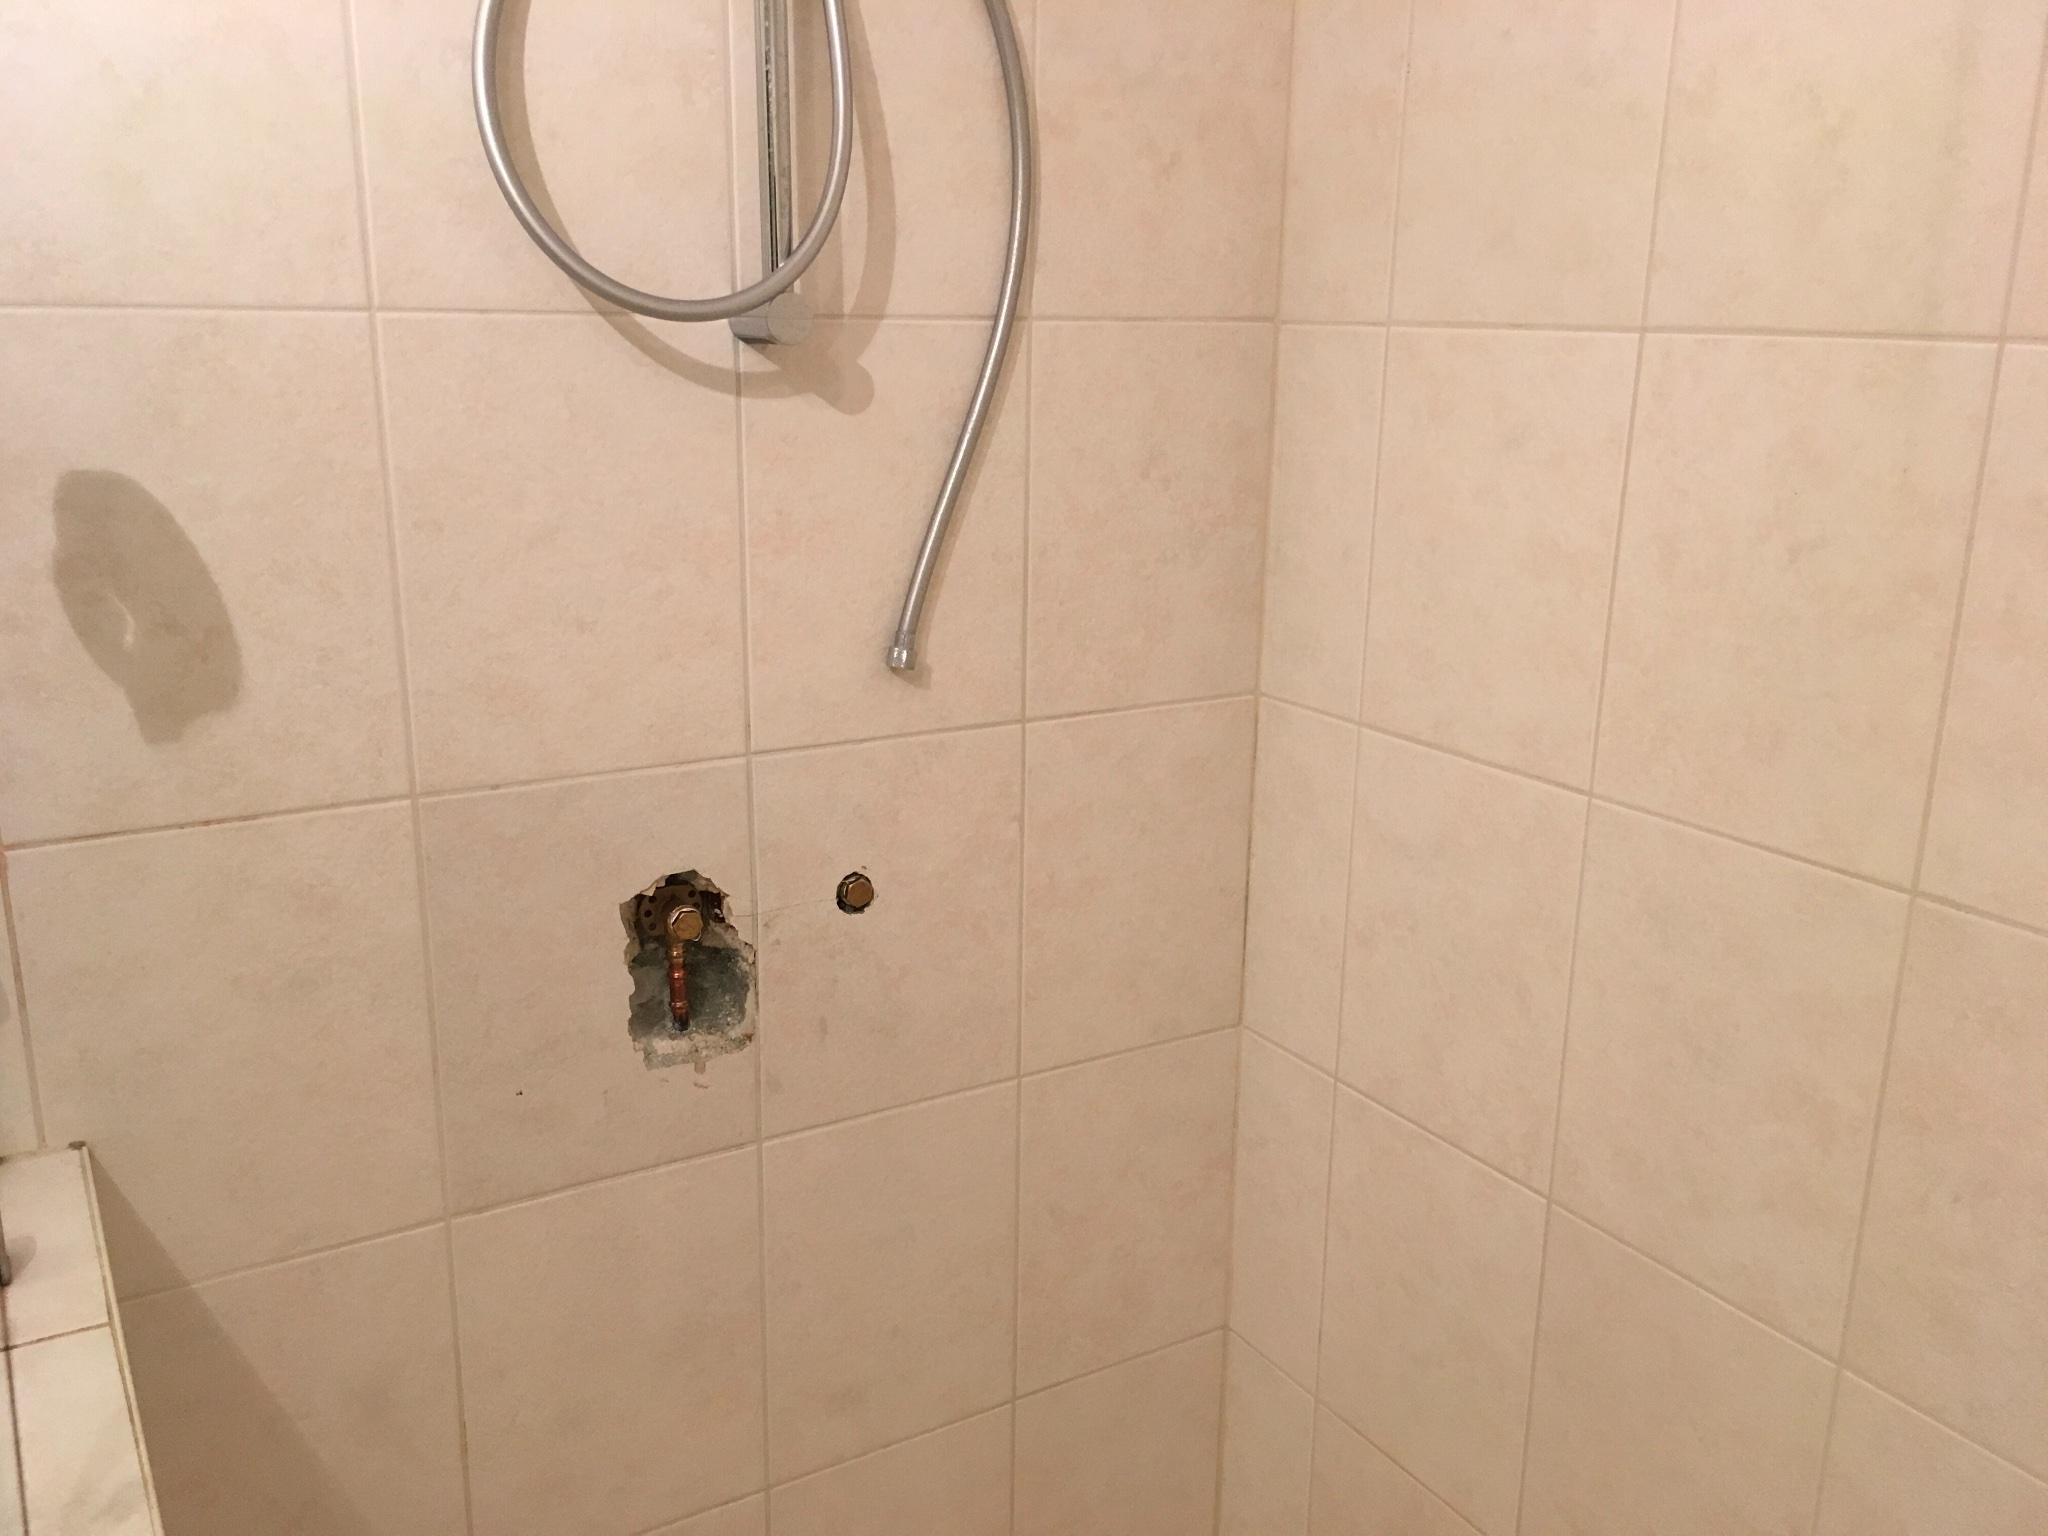 Reparatie Tegels Badkamer : Badkamer muur repareren twee tegels zetten douchekraan monteren